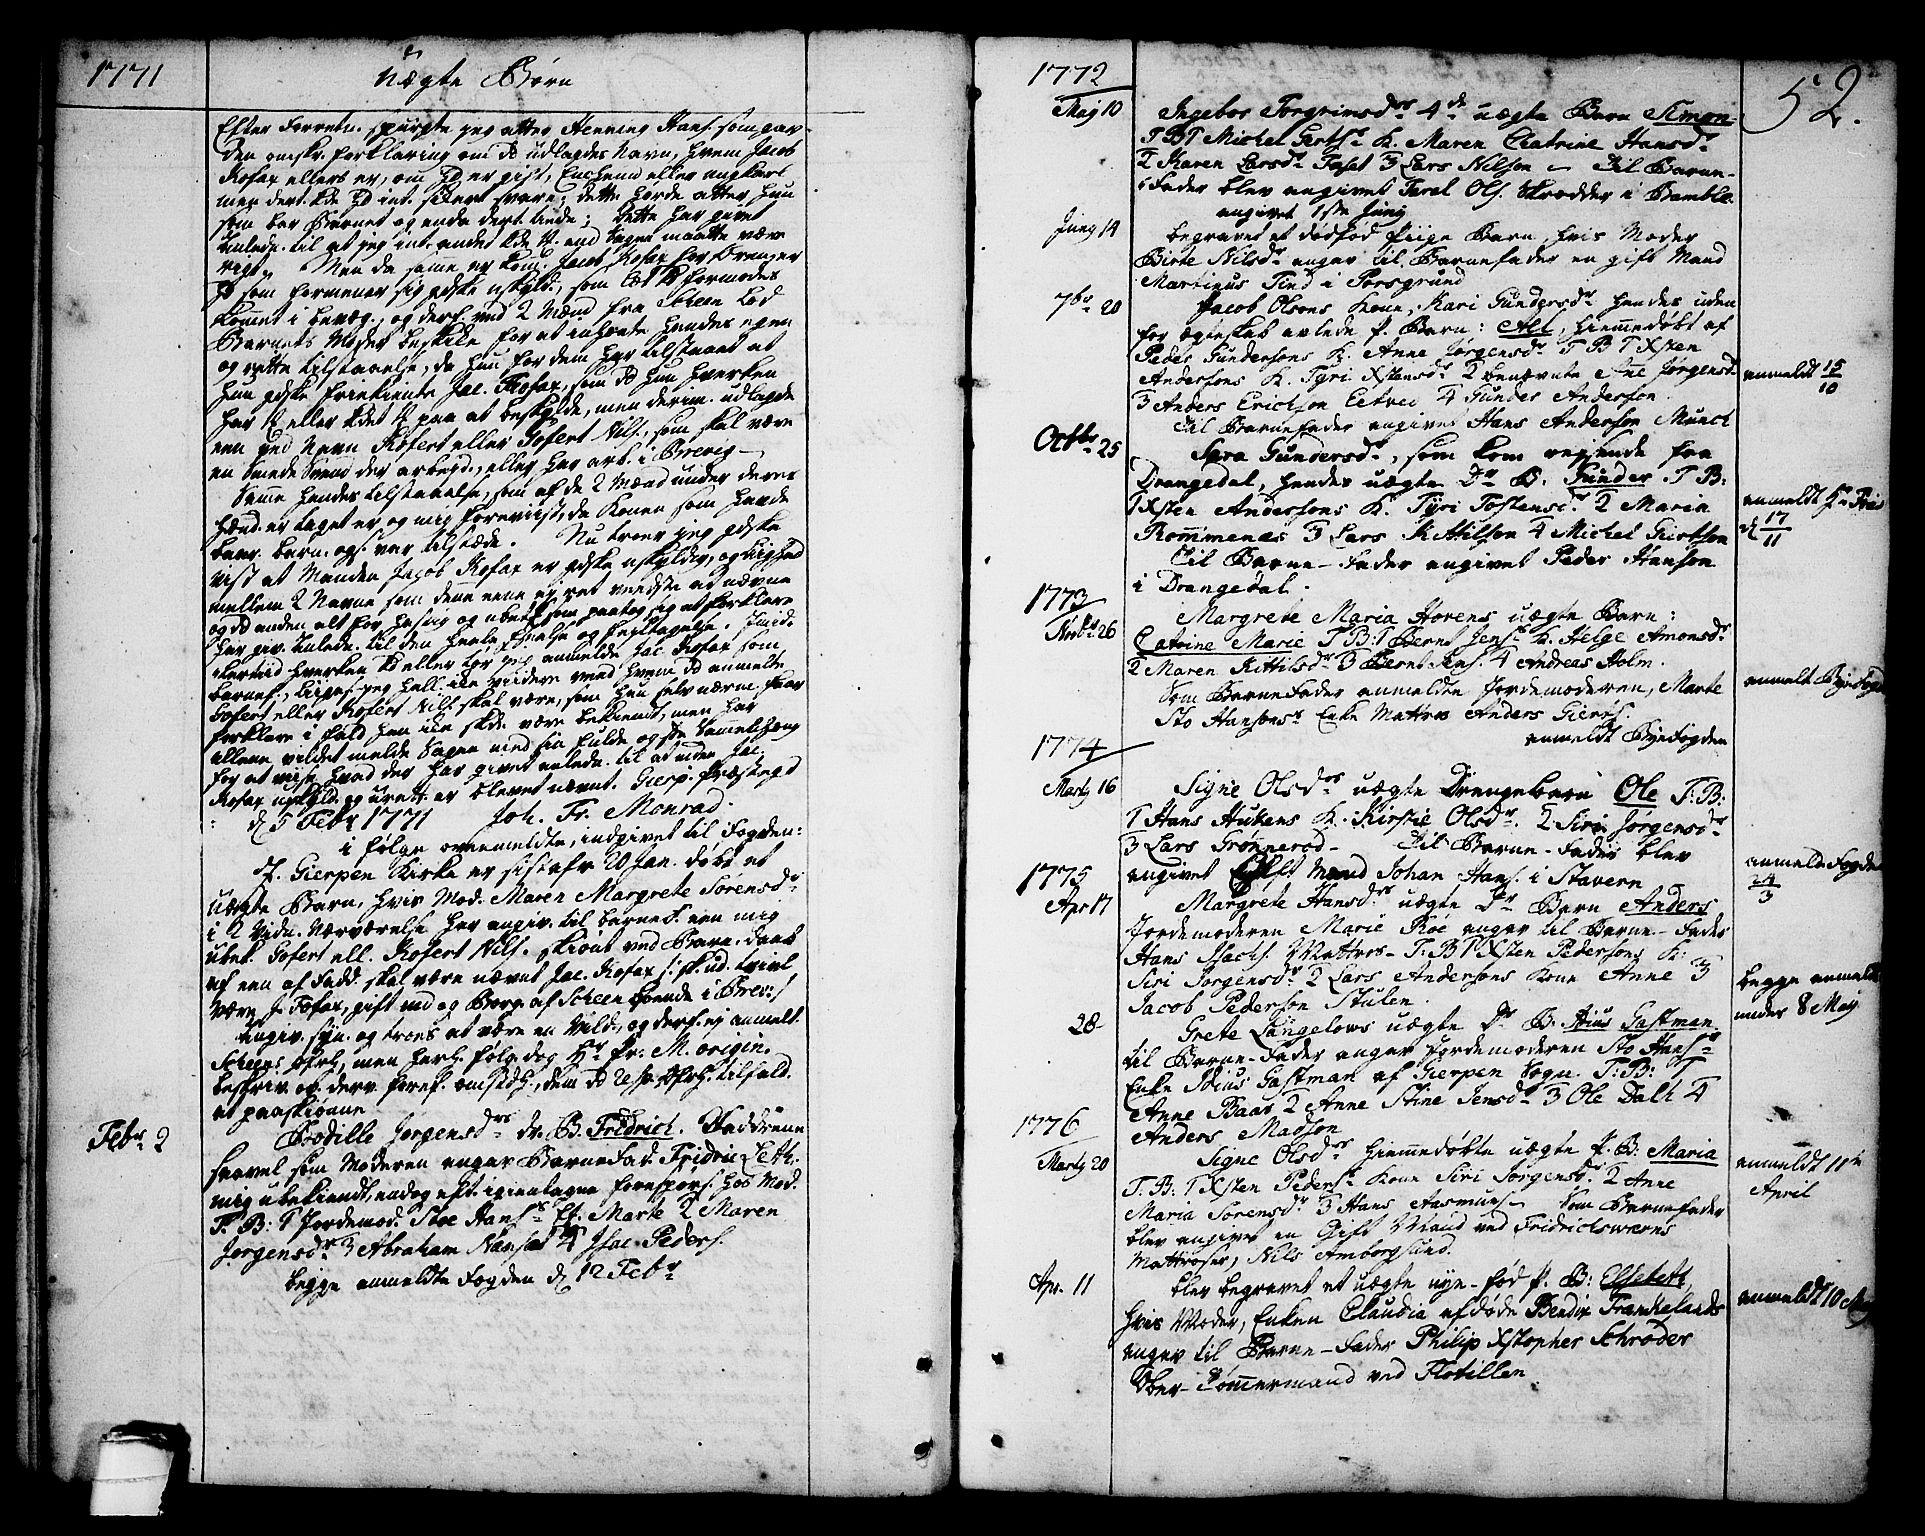 SAKO, Brevik kirkebøker, F/Fa/L0003: Ministerialbok nr. 3, 1764-1814, s. 52